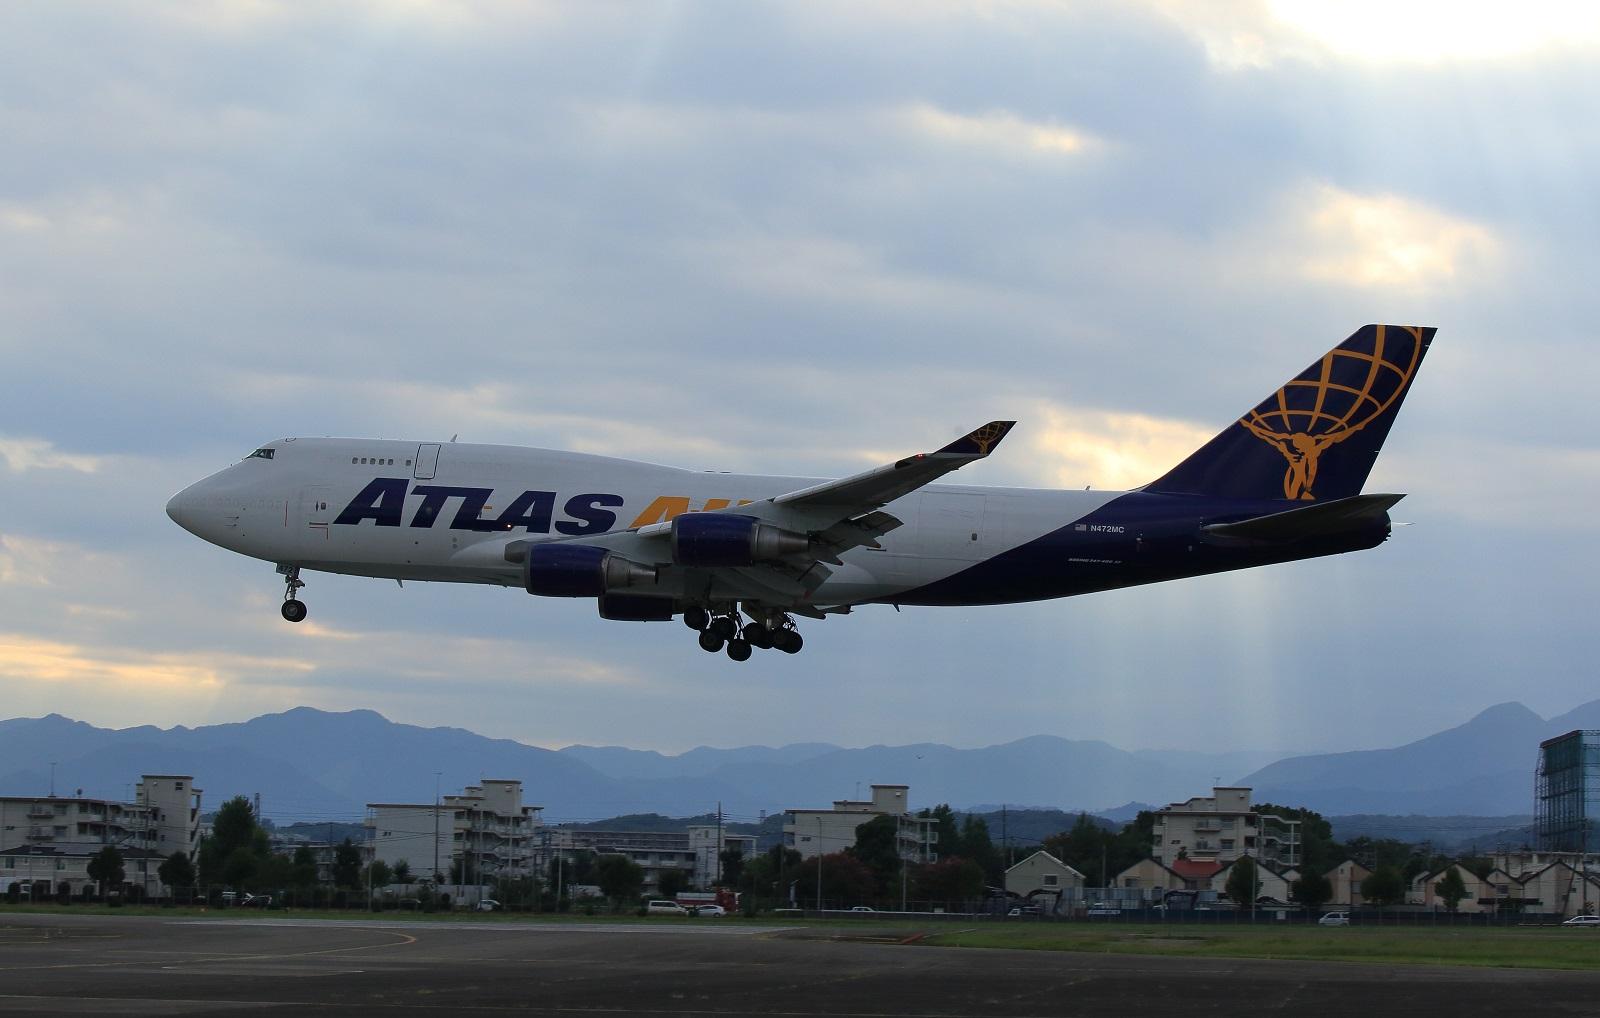 Atlas180919tk353